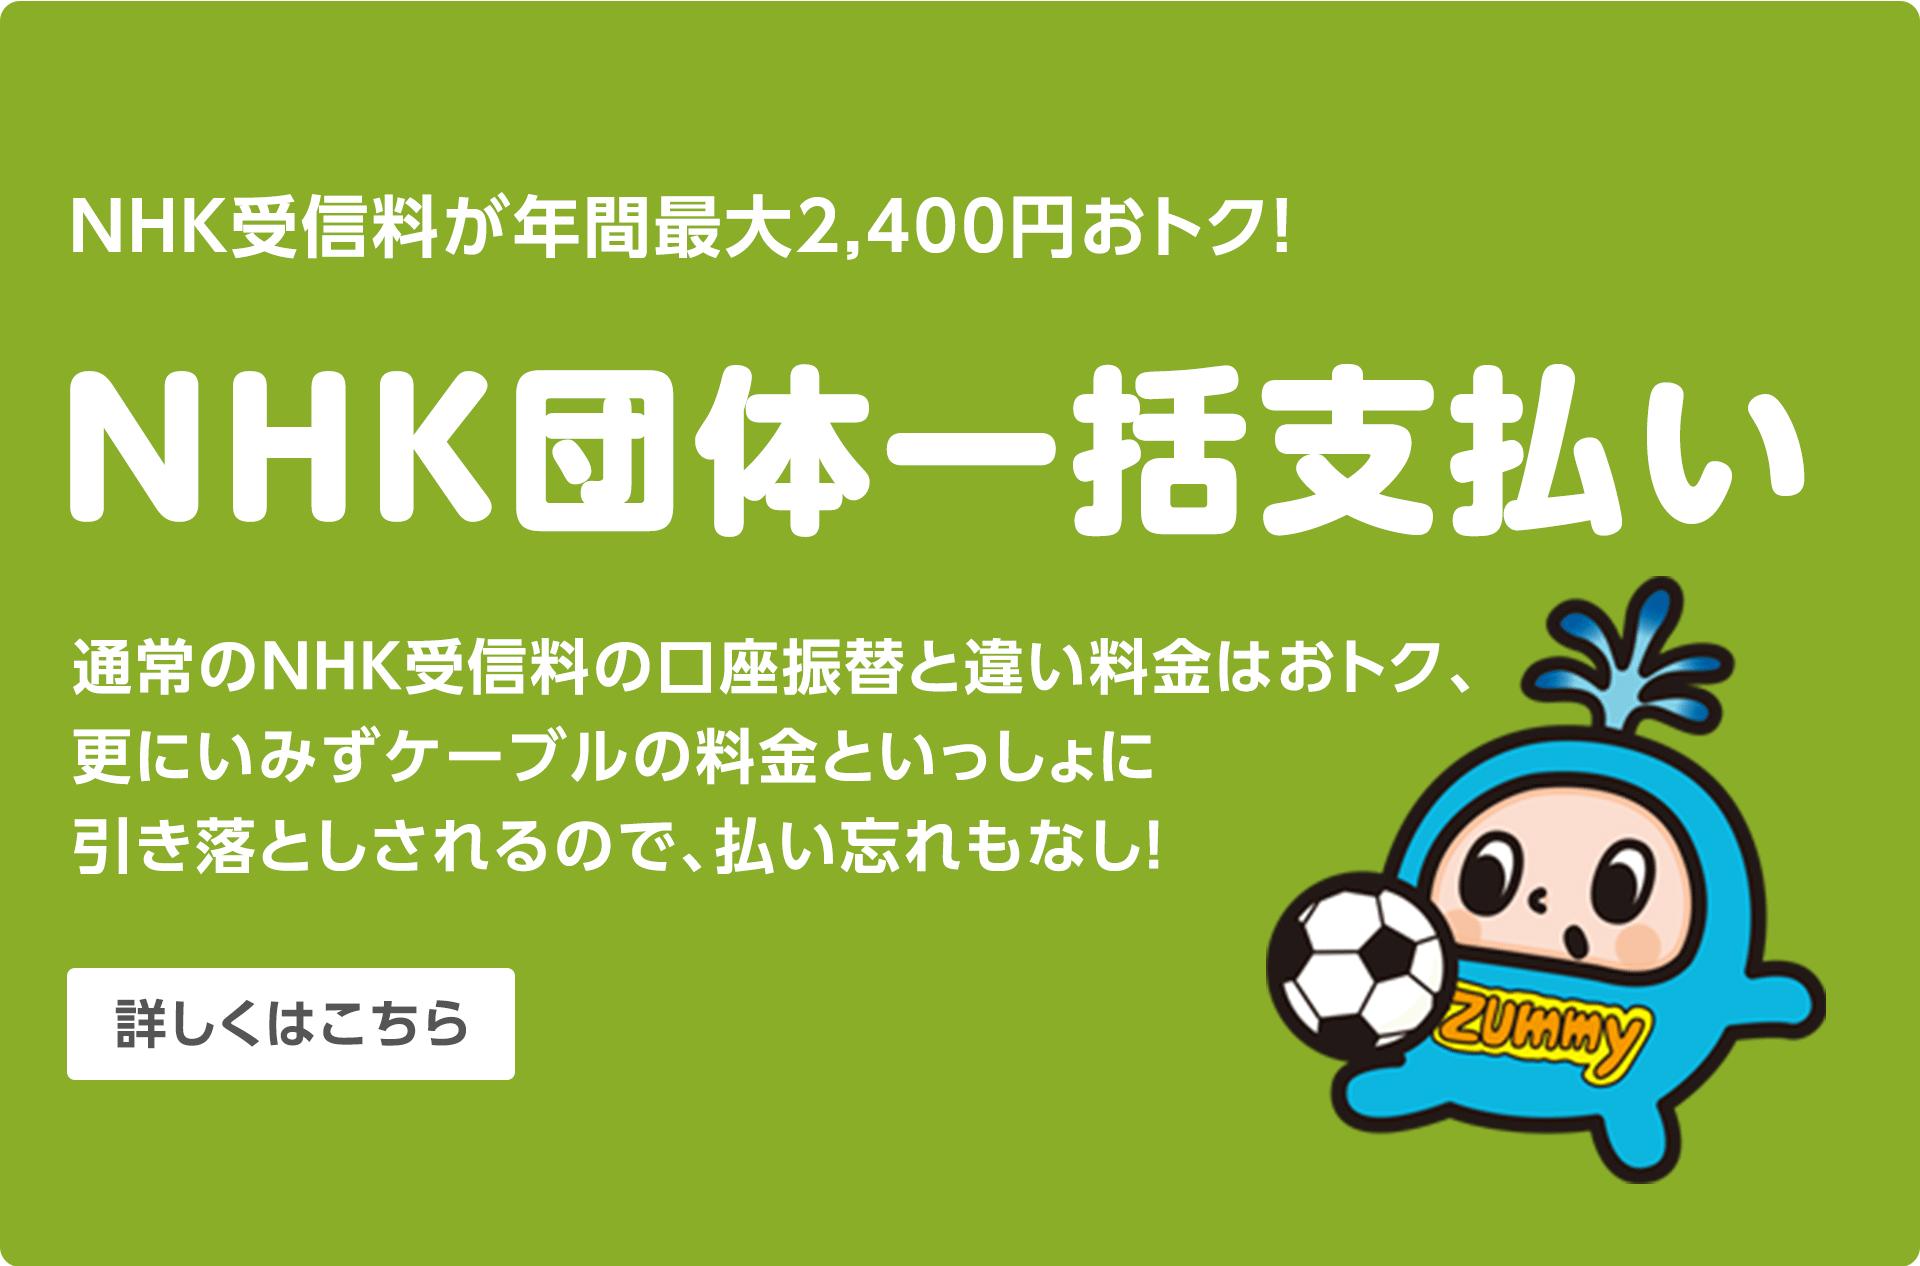 NHK団体一括支払い制度で、NHK受信料が年間最大2,400円おトク!